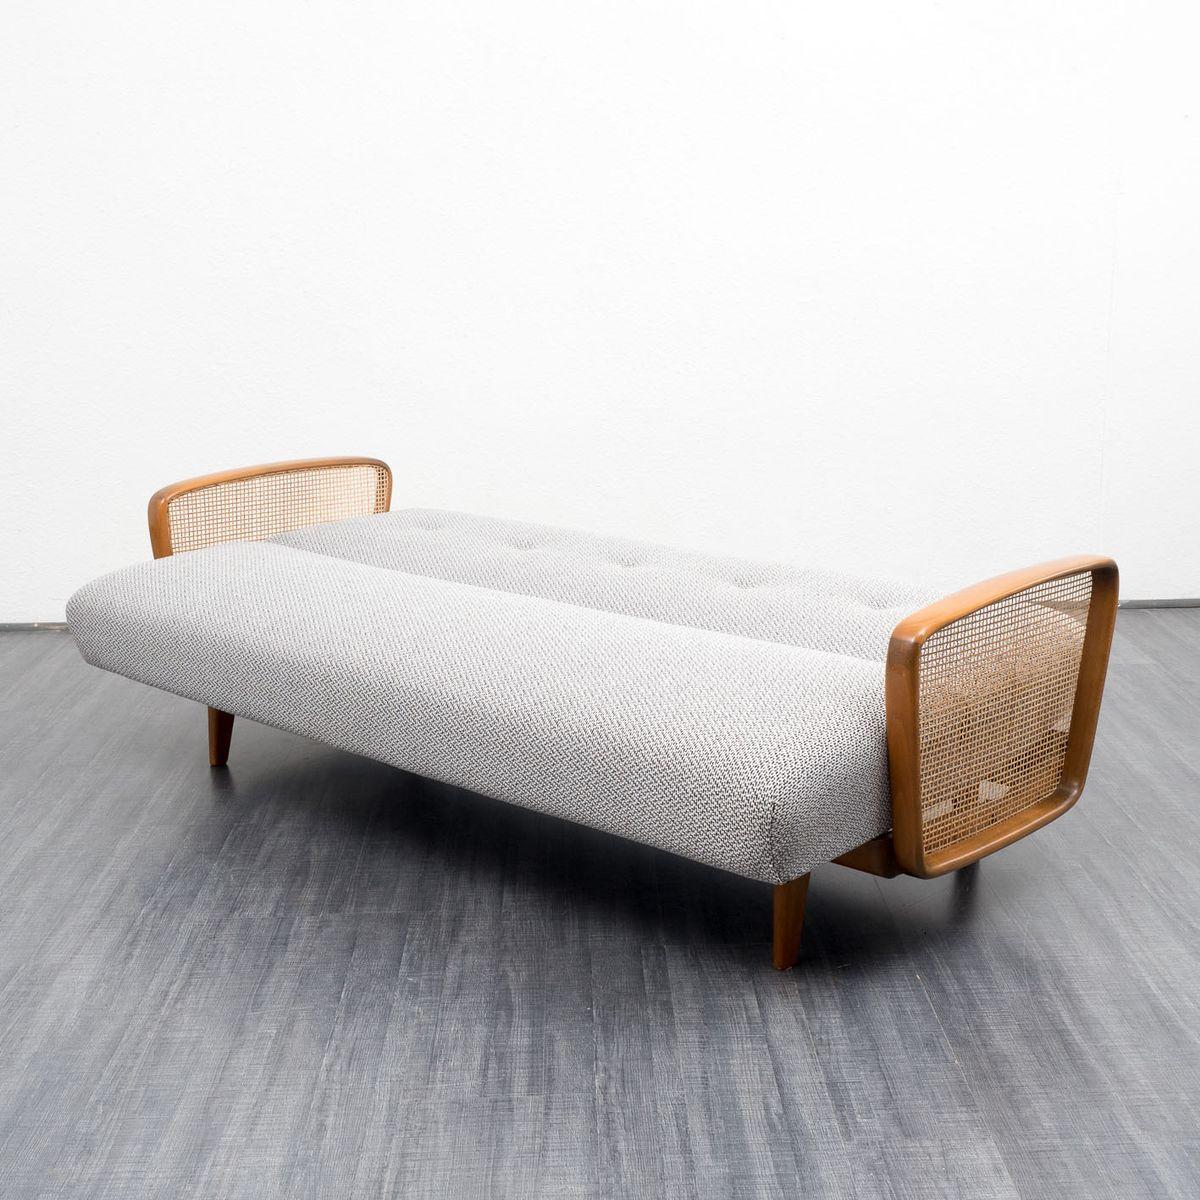 ausklappbares sofa mit salz und pfeffer muster 1950er bei. Black Bedroom Furniture Sets. Home Design Ideas